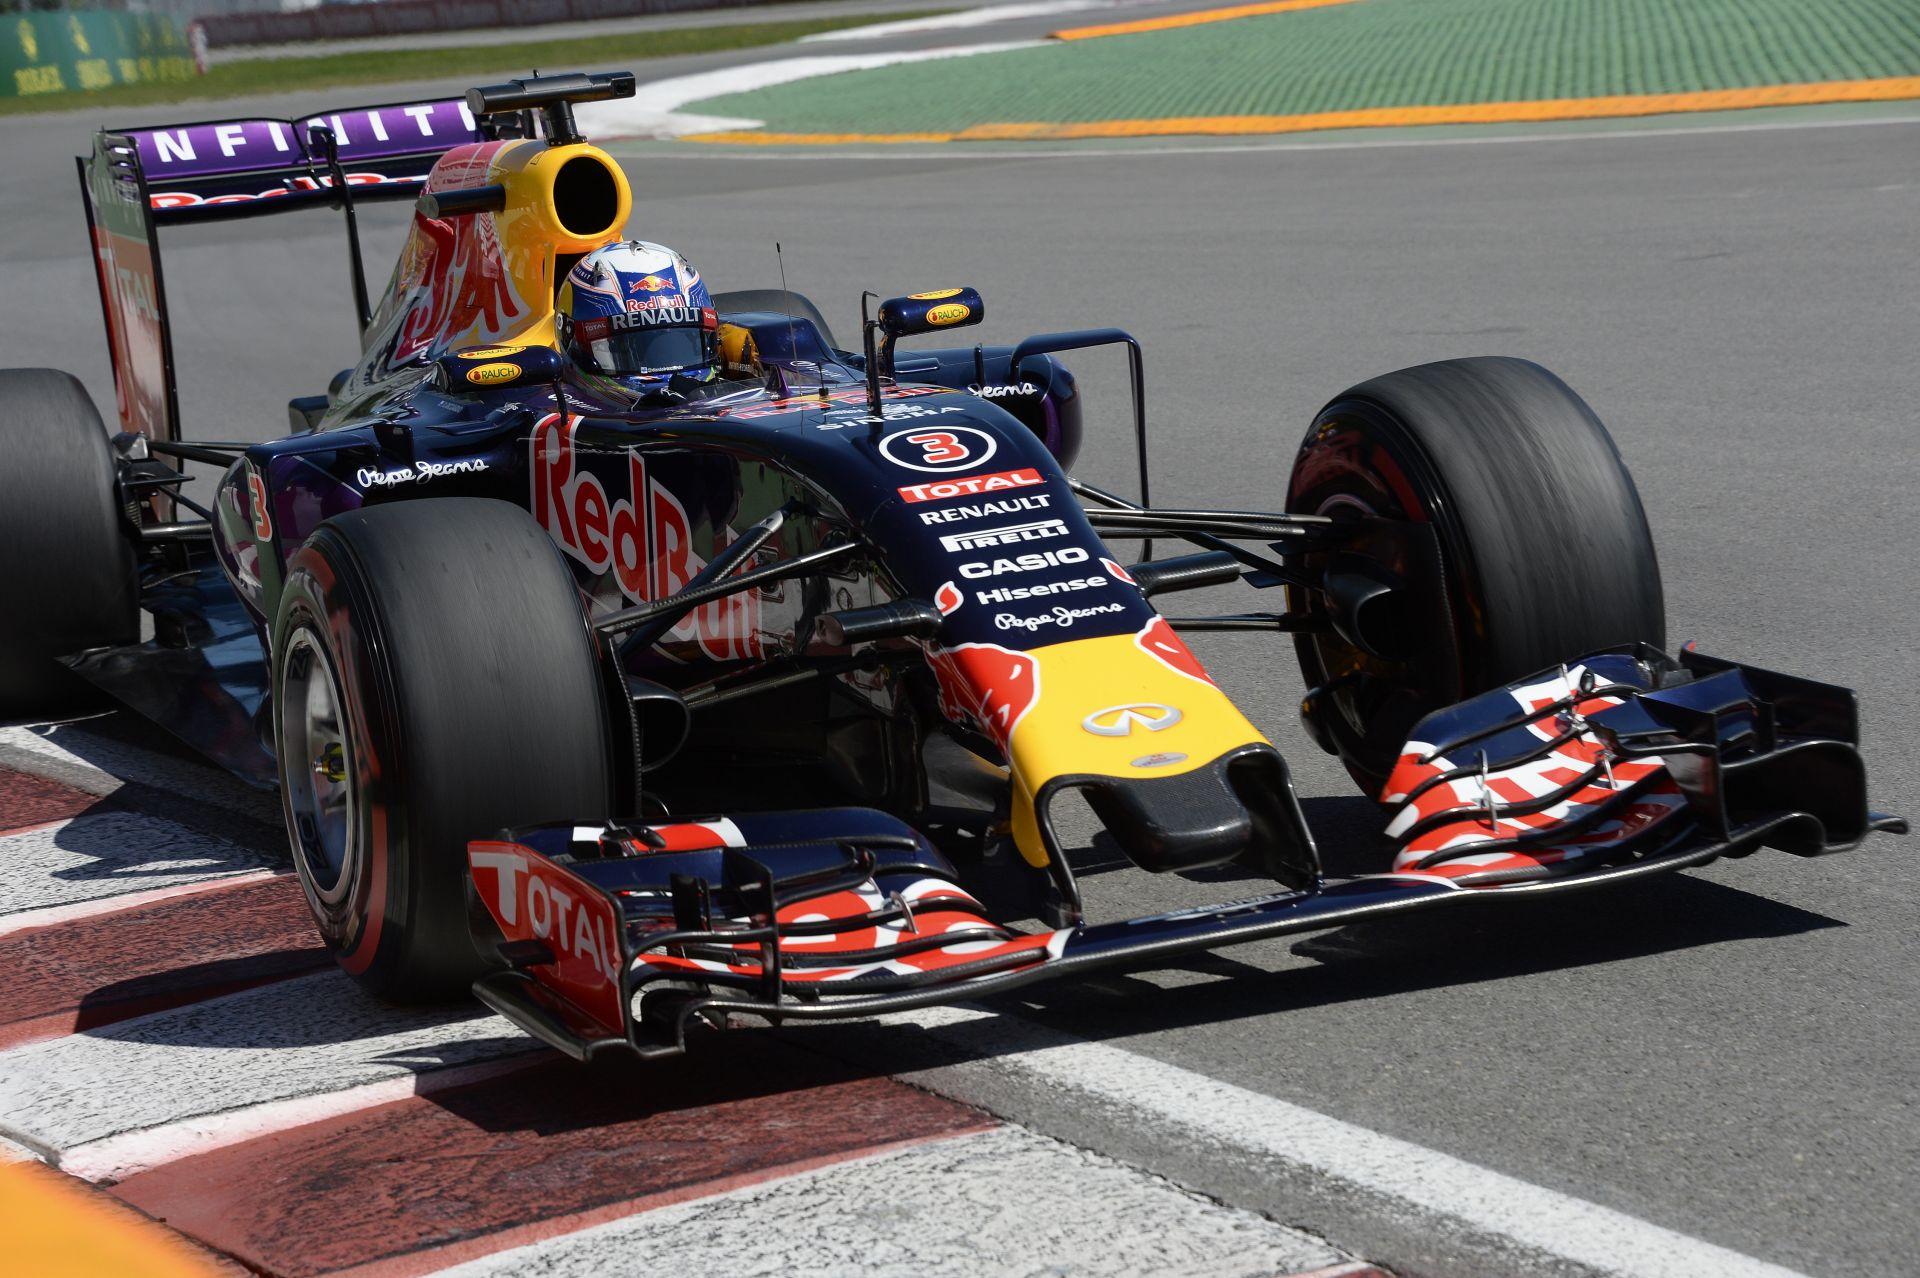 Ricciardo inkább nevet, mert egyébként csak sírni tudna Montrealban